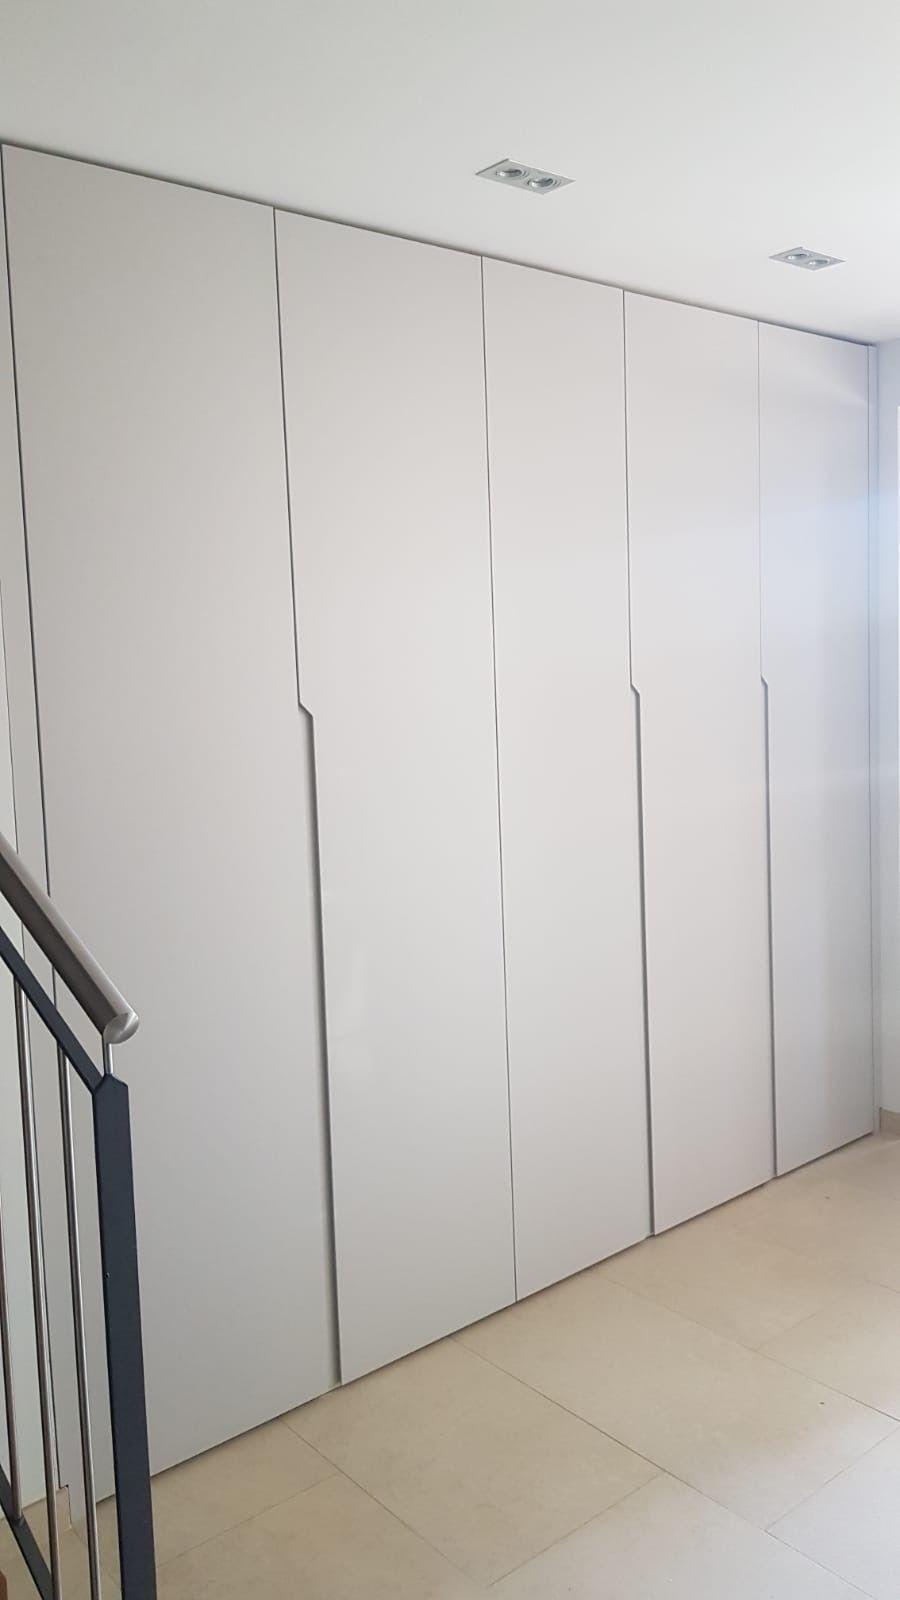 Idaw Schrank Nach Mass Einbauschranke Und Design Kommoden In 2020 Einbauschrank Waschtisch Holz Bad Schrank